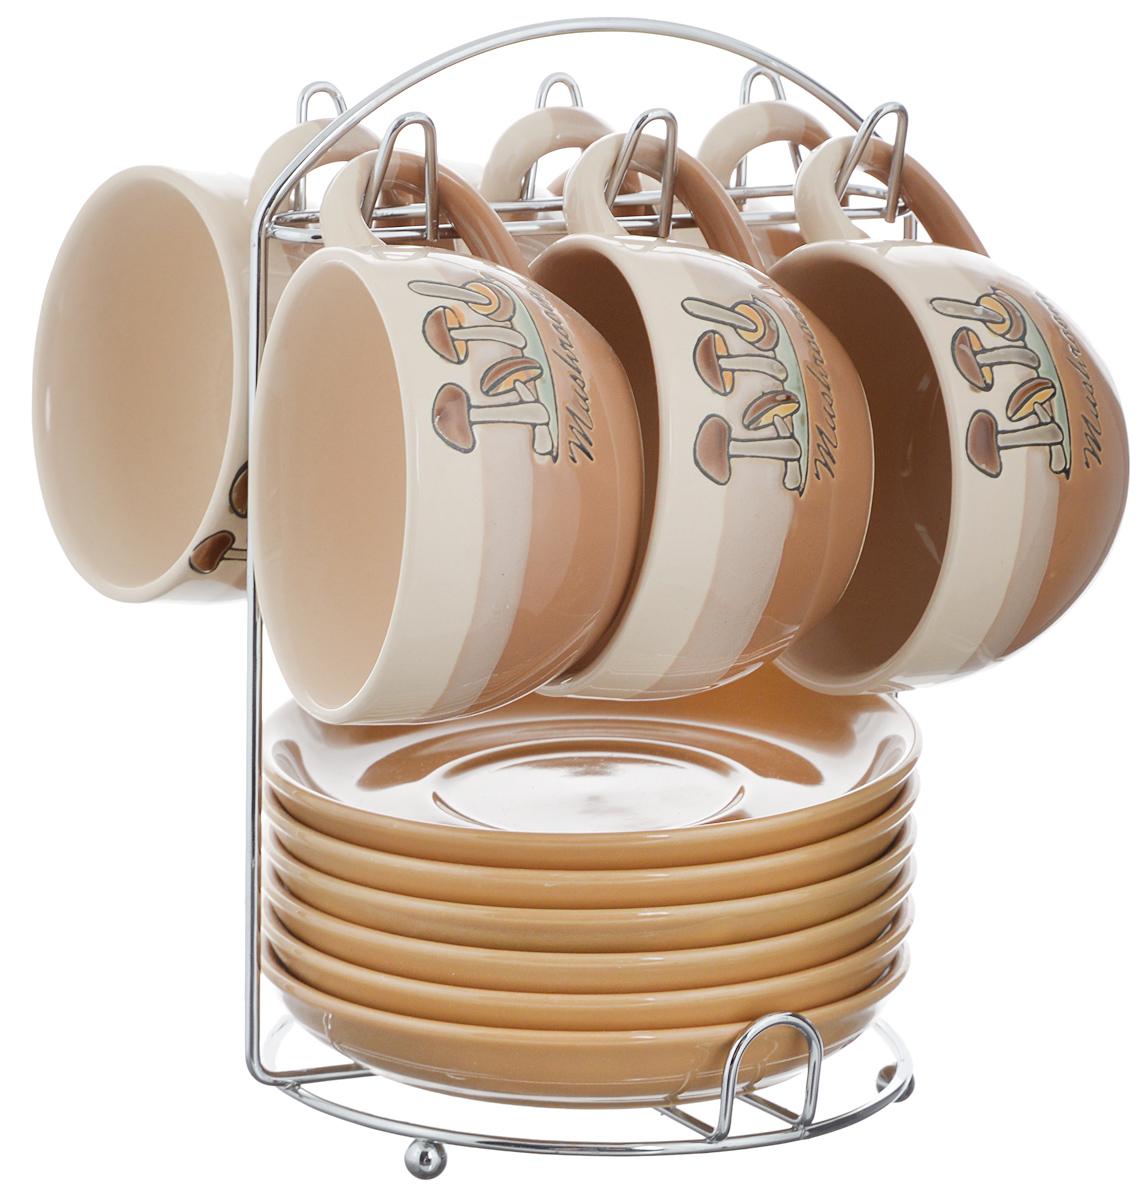 Набор чайный Calve. Грибы, на подставке, 13 предметовCL-2022Набор Calve. Грибы состоит из шести чашек и шести блюдец, изготовленных из высококачественного фарфора. Чашки оформлены ярким изображением грибов. Изделия расположены на металлической подставке. Такой набор подходит для подачи чая или кофе.Изящный дизайн придется по вкусу и ценителям классики, и тем, кто предпочитает утонченность и изысканность. Он настроит на позитивный лад и подарит хорошее настроение с самого утра. Чайный набор Calve. Грибы - идеальный и необходимый подарок для вашего дома и для ваших друзей в праздники.Можно мыть в посудомоечной машине. Объем чашки: 220 мл. Диаметр чашки (по верхнему краю): 9,5 см. Высота чашки: 6,3 см. Диаметр блюдца: 14,5 см. Высота блюдца: 2,3 см.Размер подставки: 16,5 х 16 х 22,5 см.